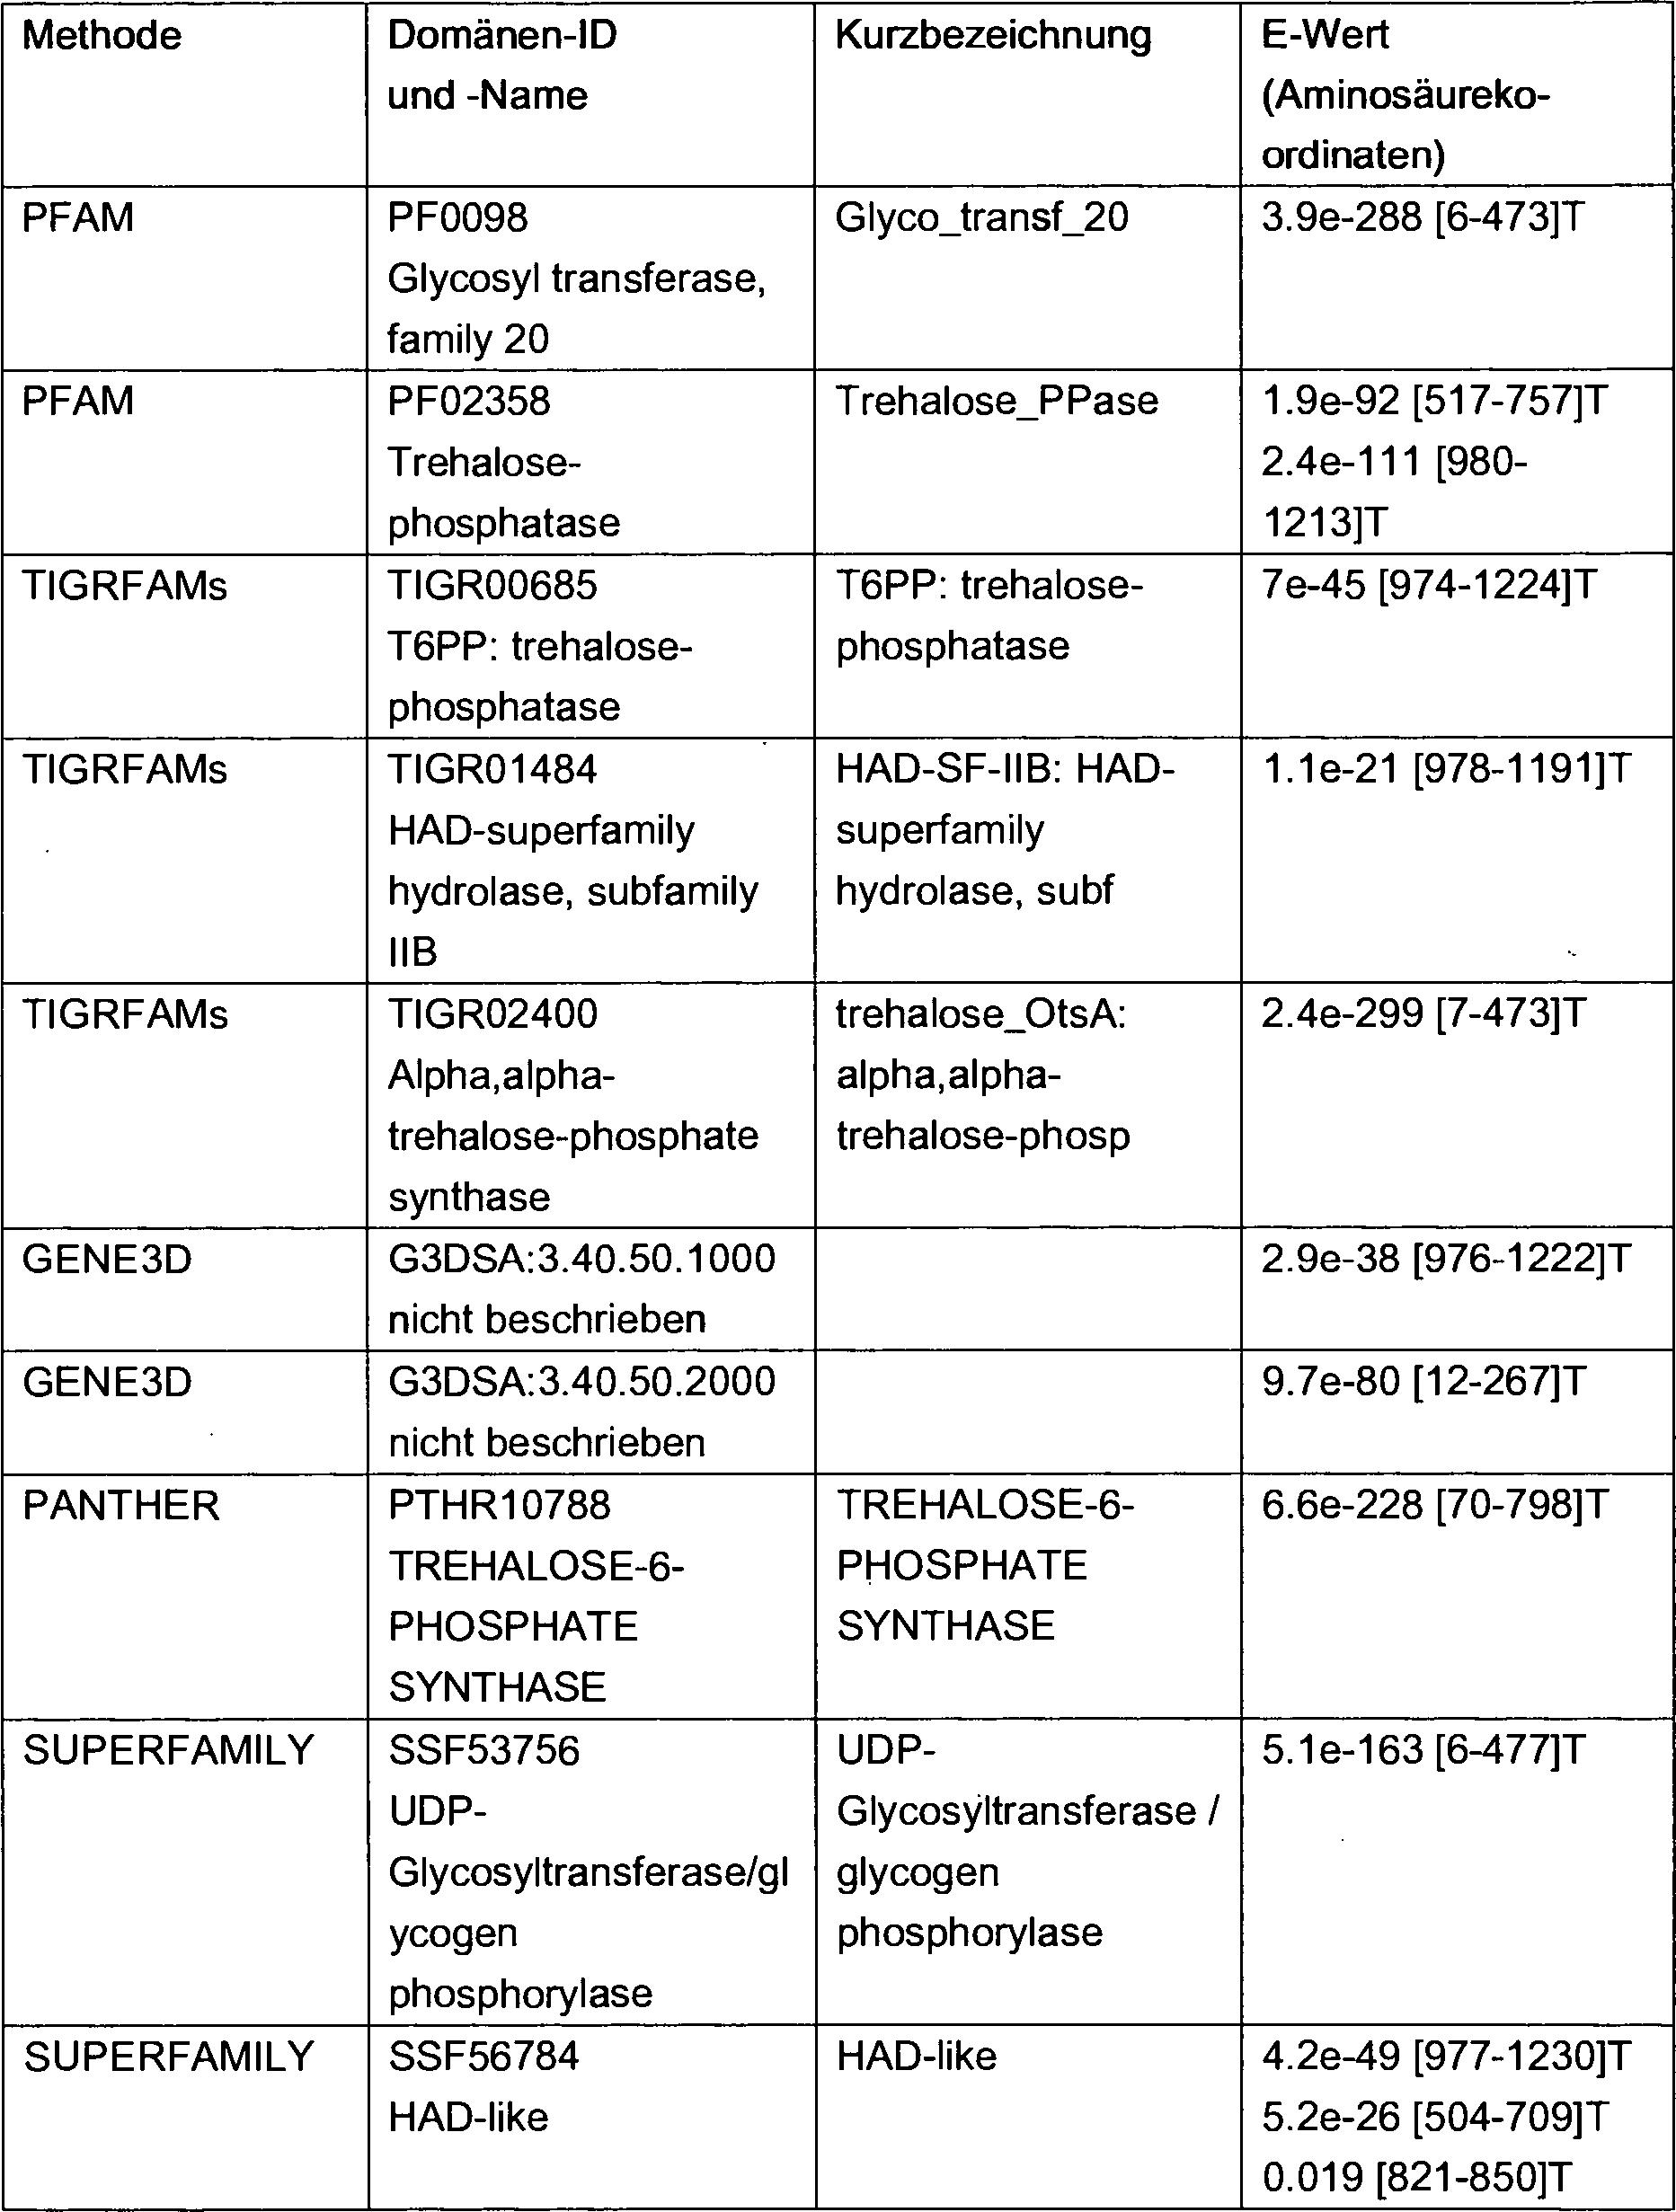 Fantastic Sequenzierung Von Ereignissen Einer Tabelle Für Klasse 1 ...